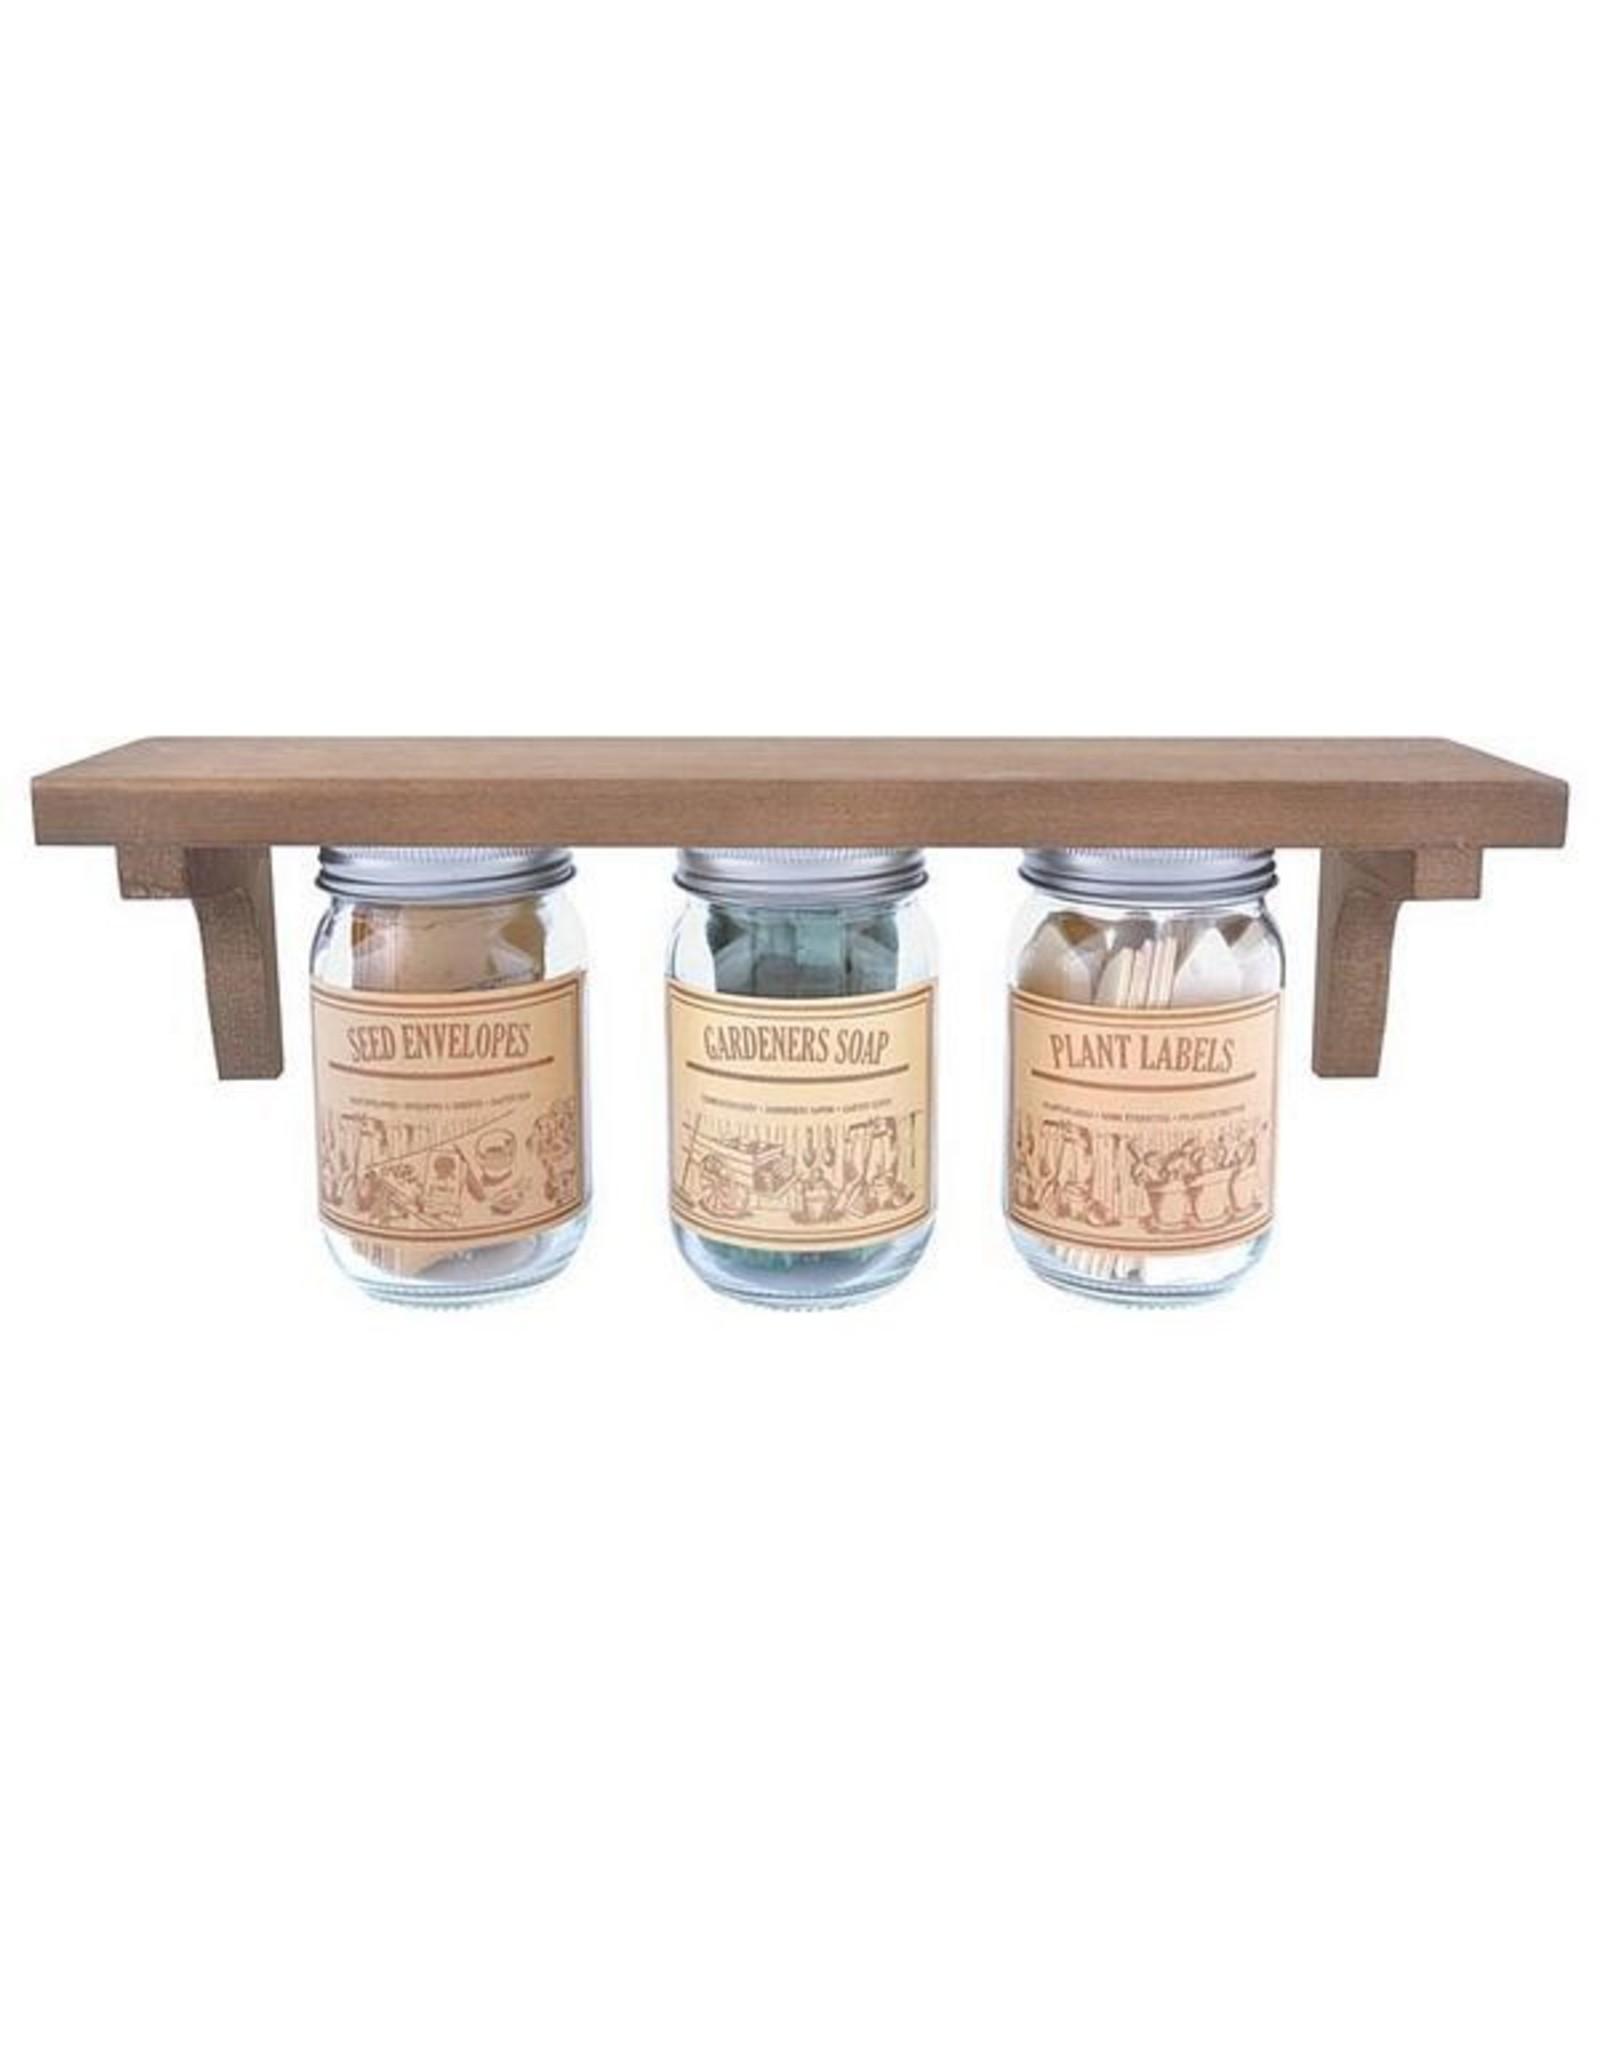 Esschert Hanging WoodShelf w/ 3 Jars